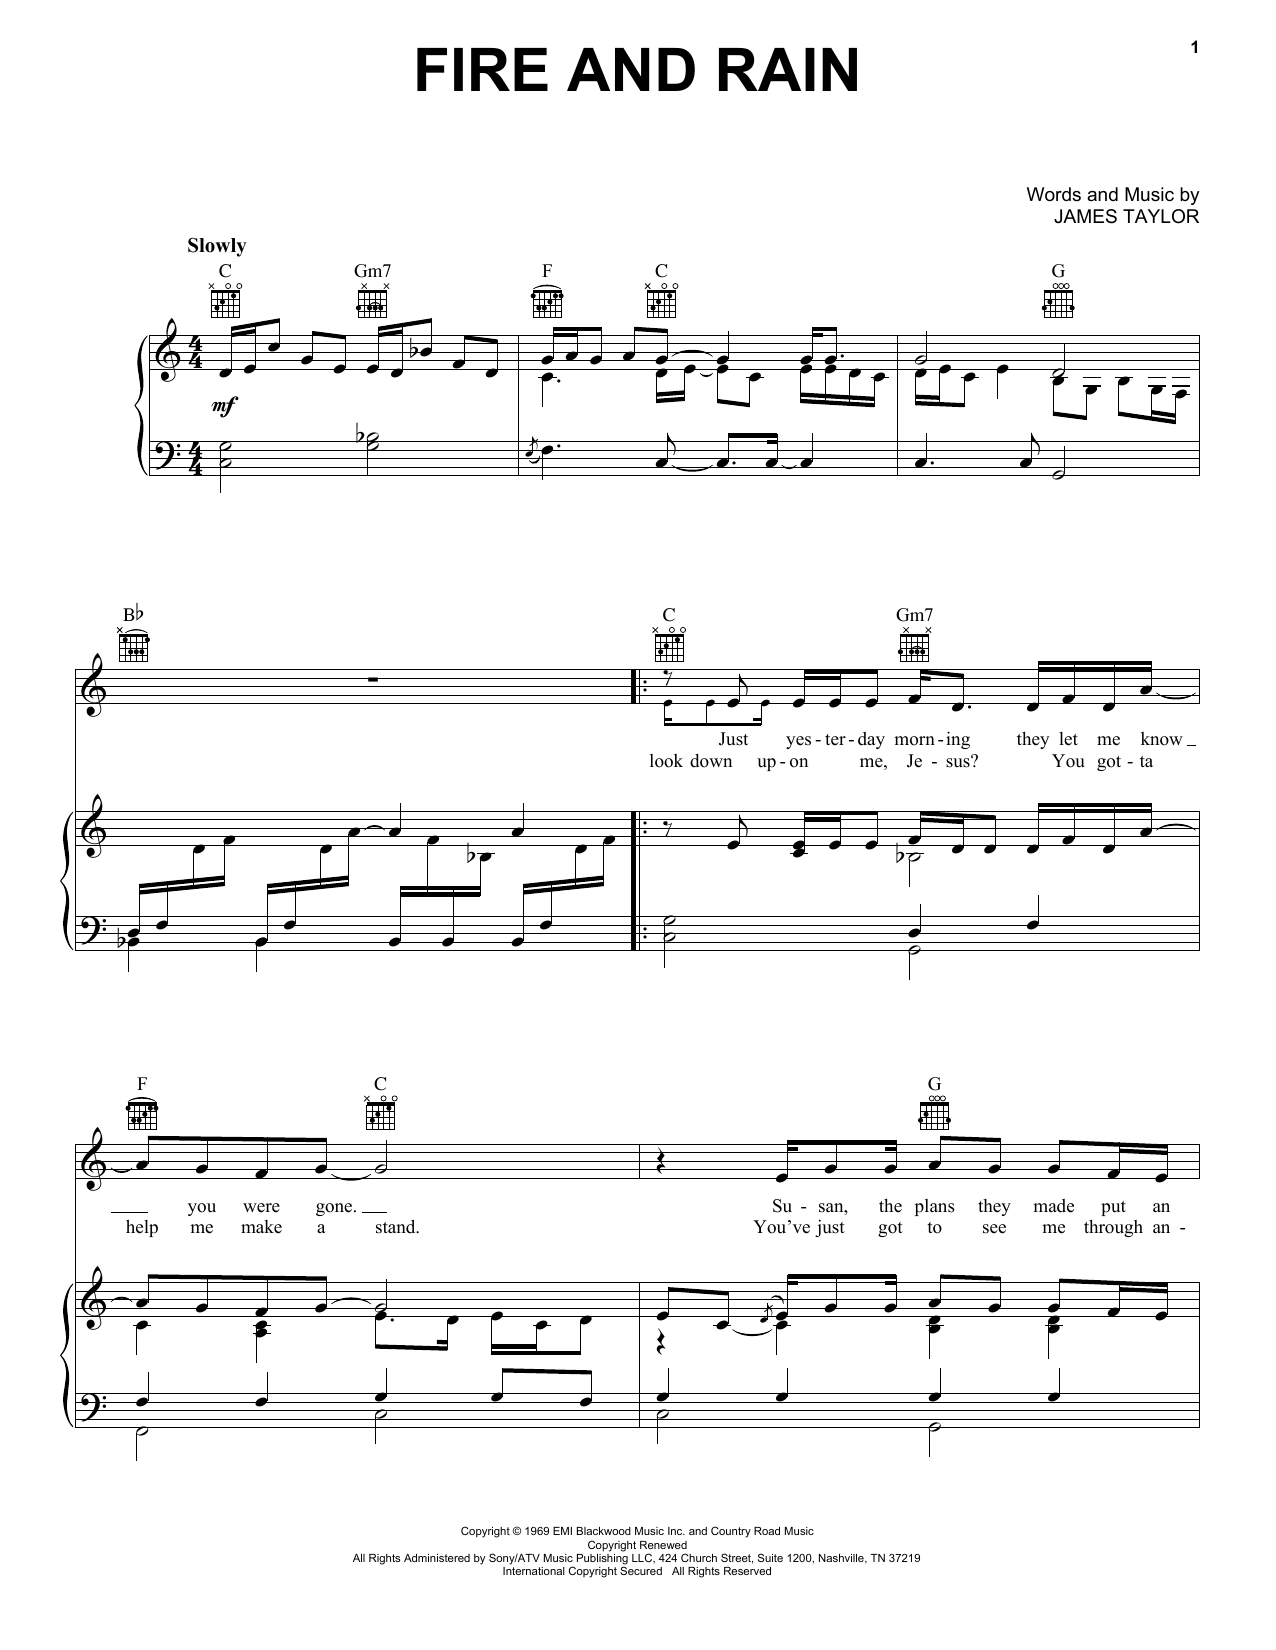 Fire and rain piano pdf